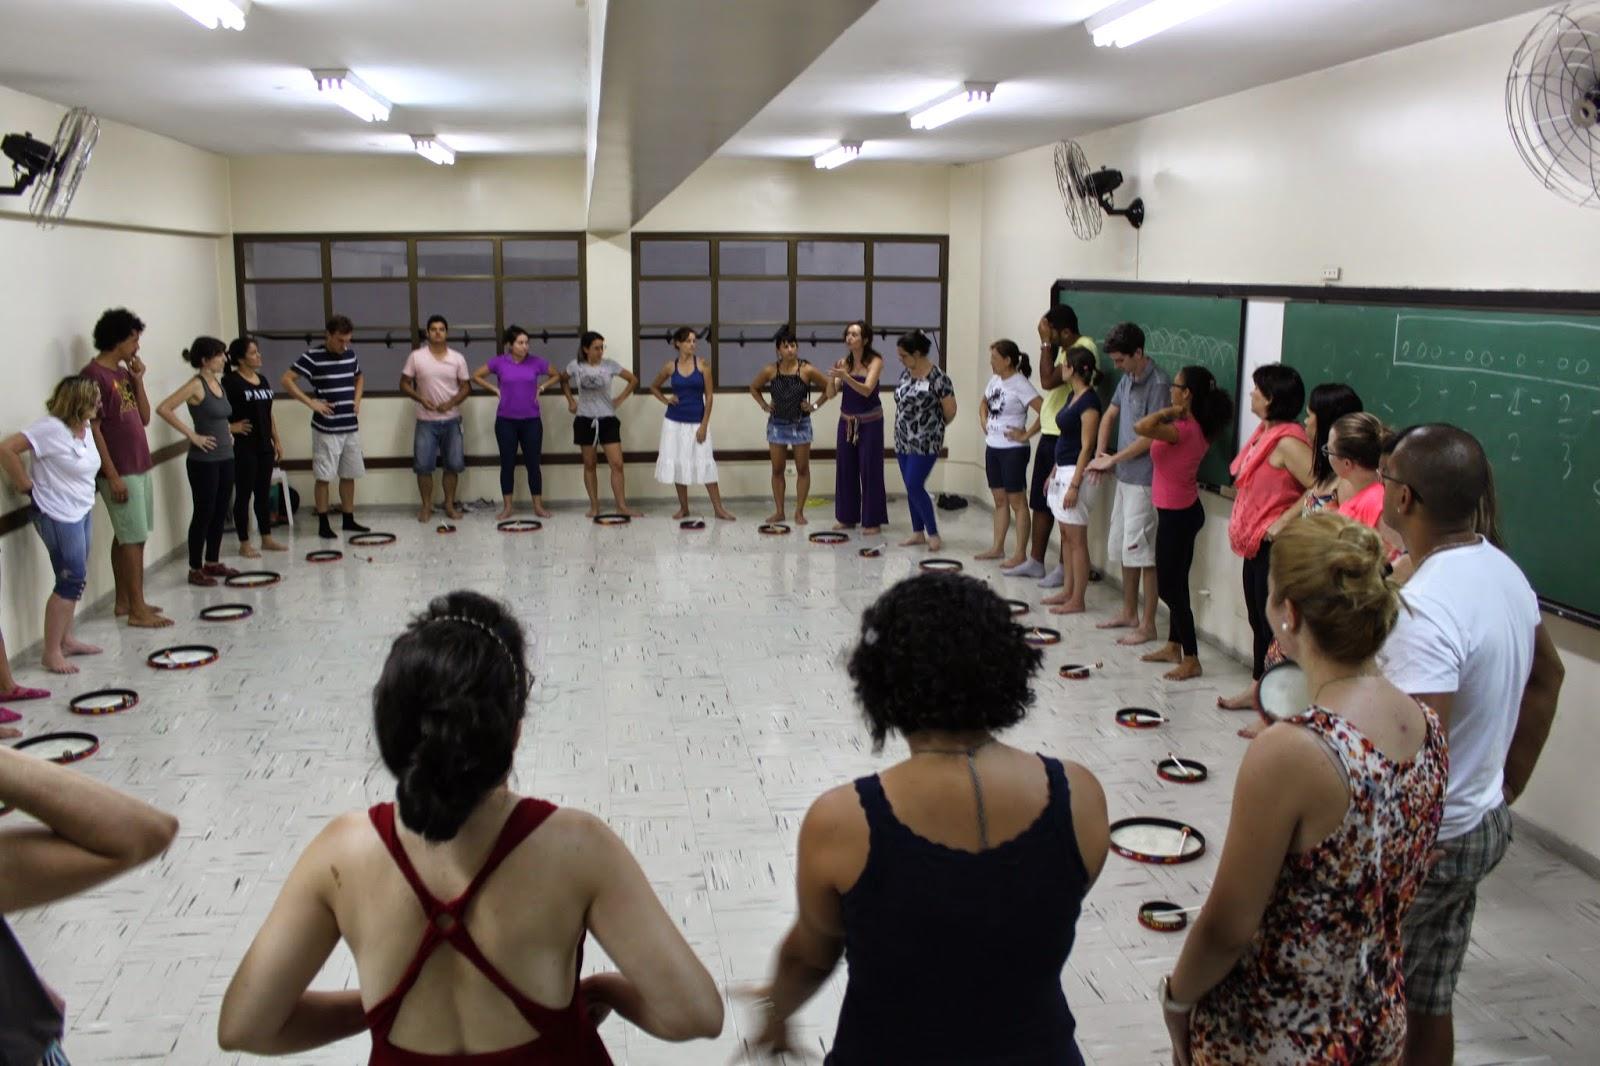 Descrição da Foto: Um grupo de aproximadamente 30 pessoas, estão todos de pé. No chão, à frente de cada participante um tambor.